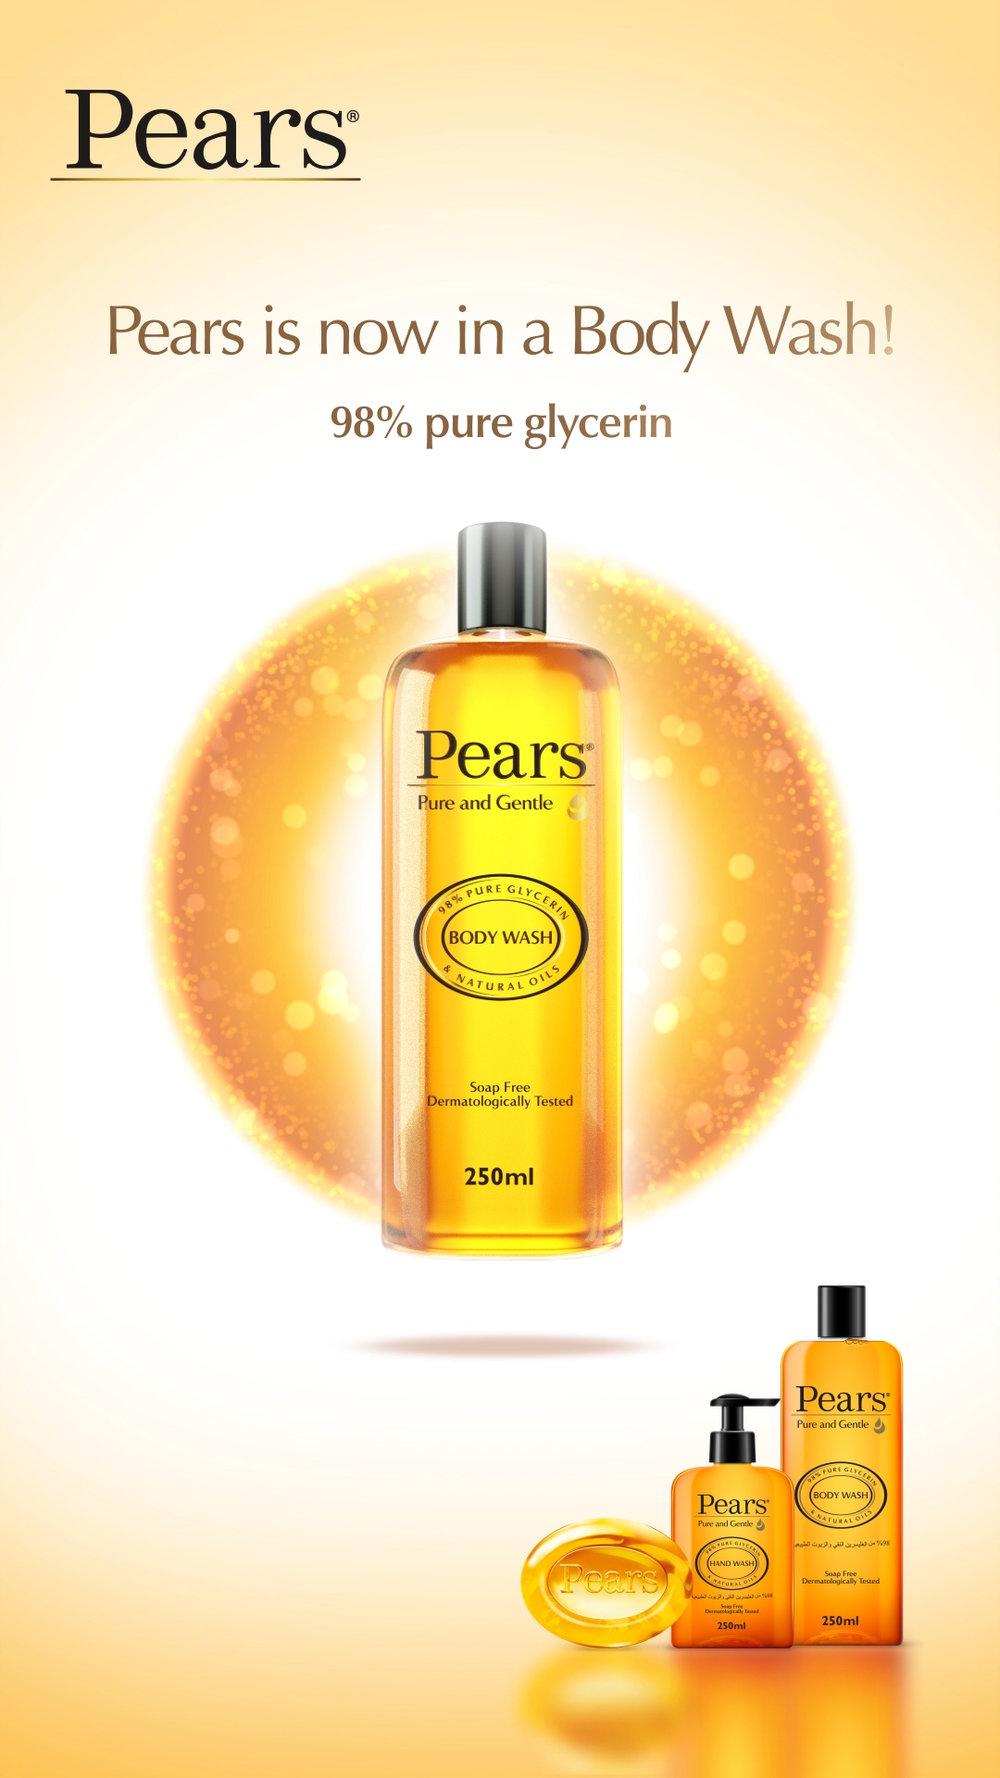 Pears02_02.jpg